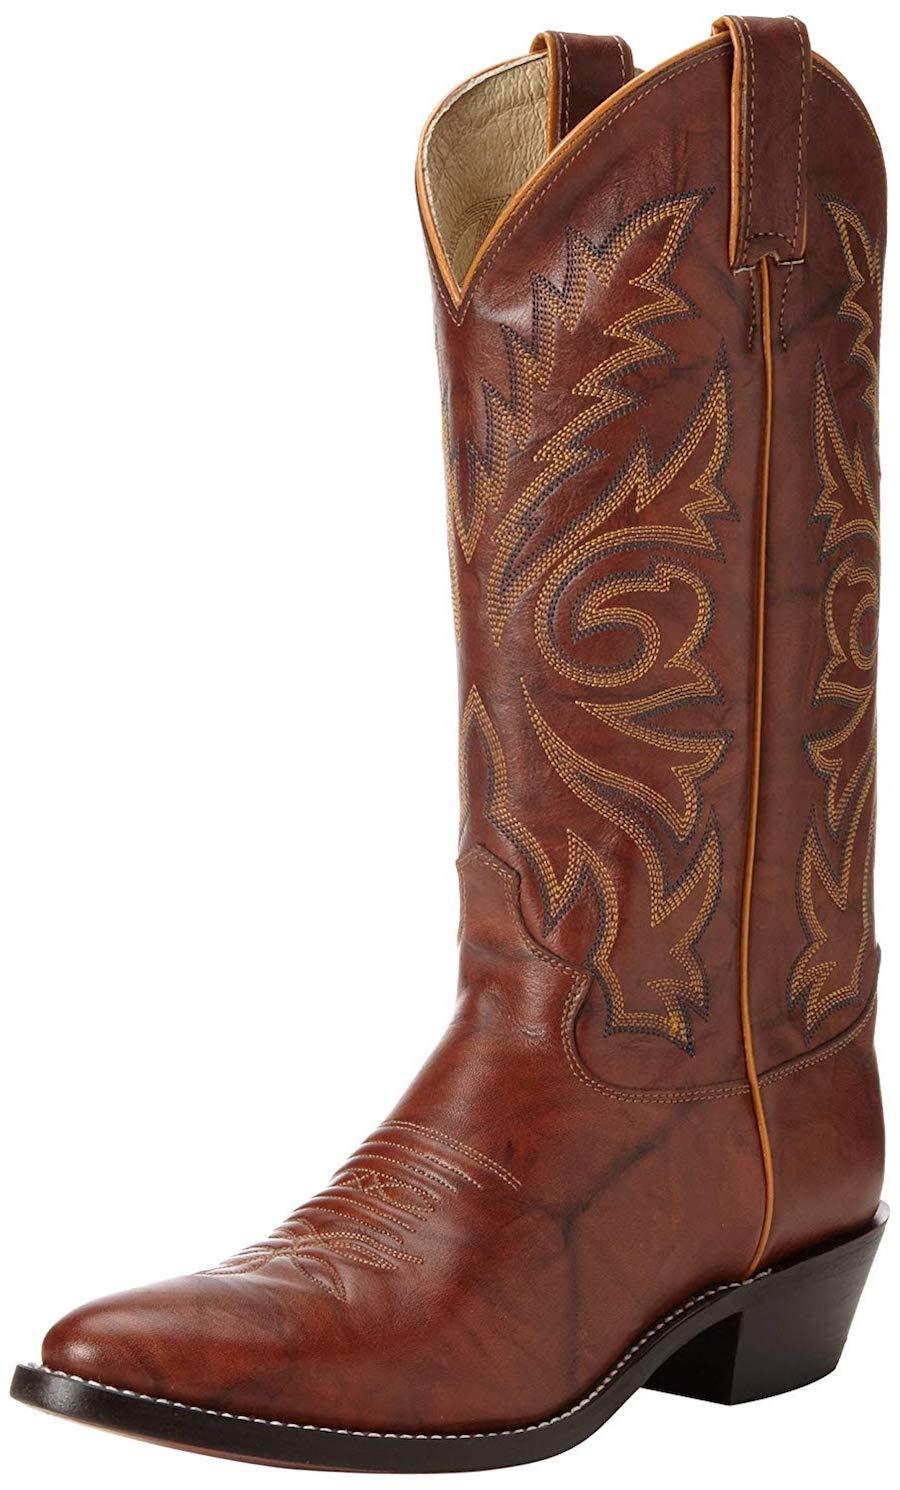 Rick Grimes cowboy boots - Rick Grimes costume